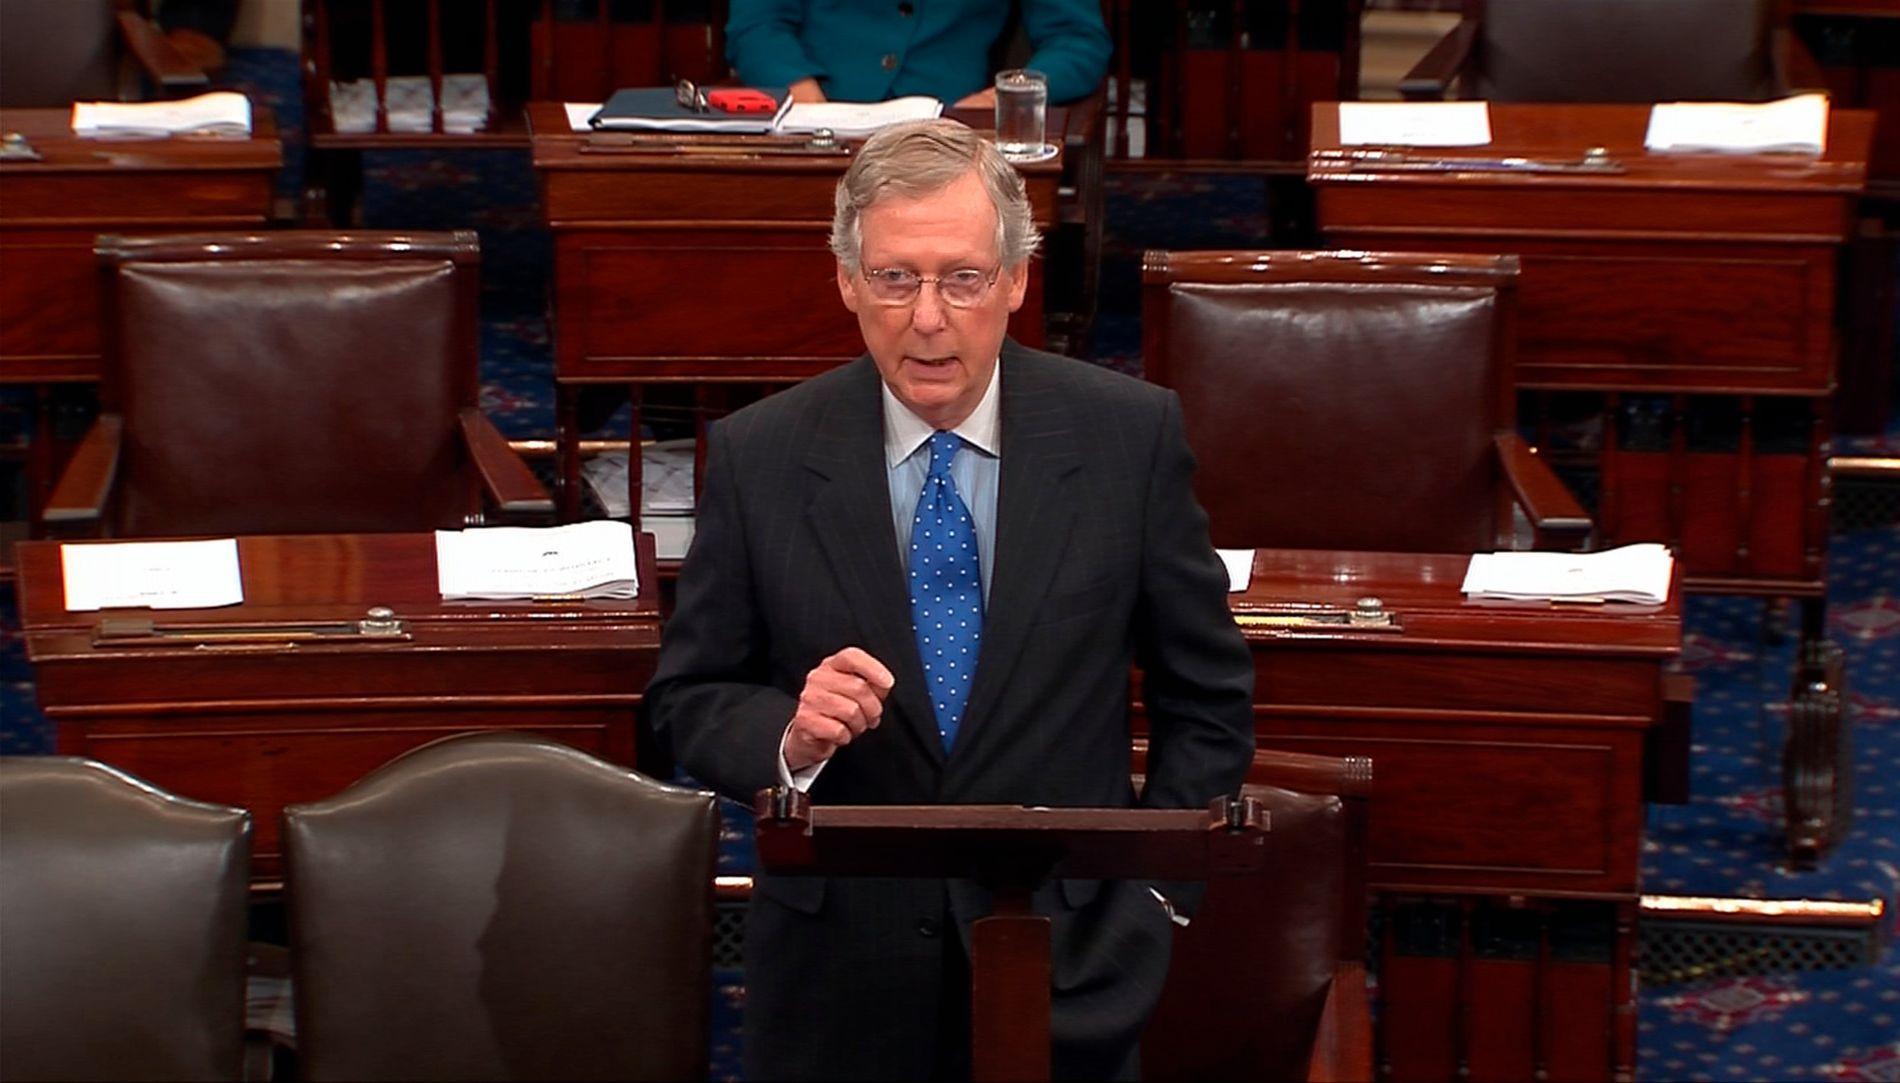 FLERTALLSLEDER: Republikaneren Mitch McConnell, her under en tale i USAs senat, presset på for å få en rask avstemning om ny skattelov.